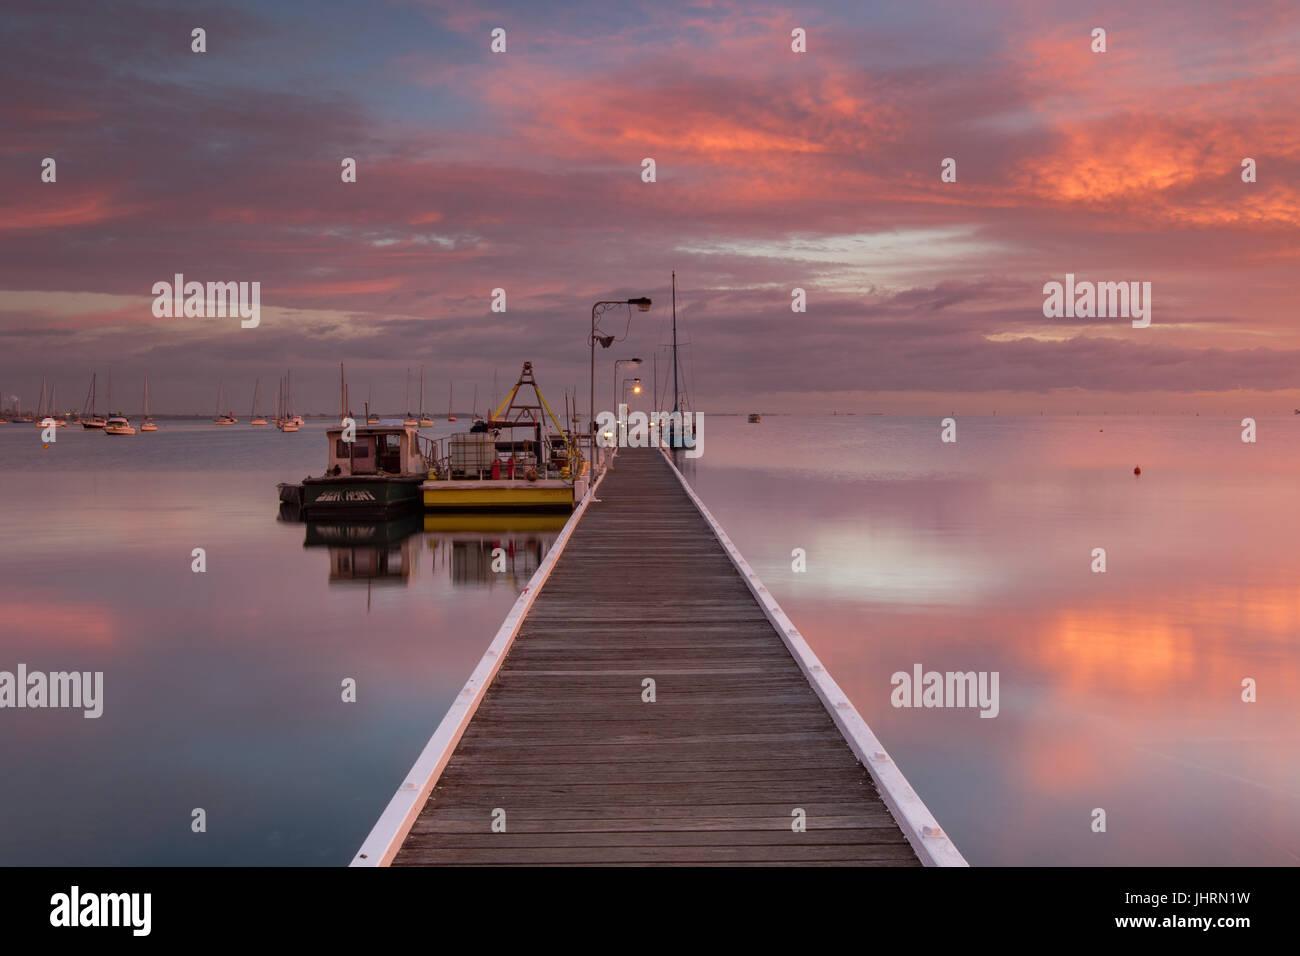 A.M. solitude - Stock Image